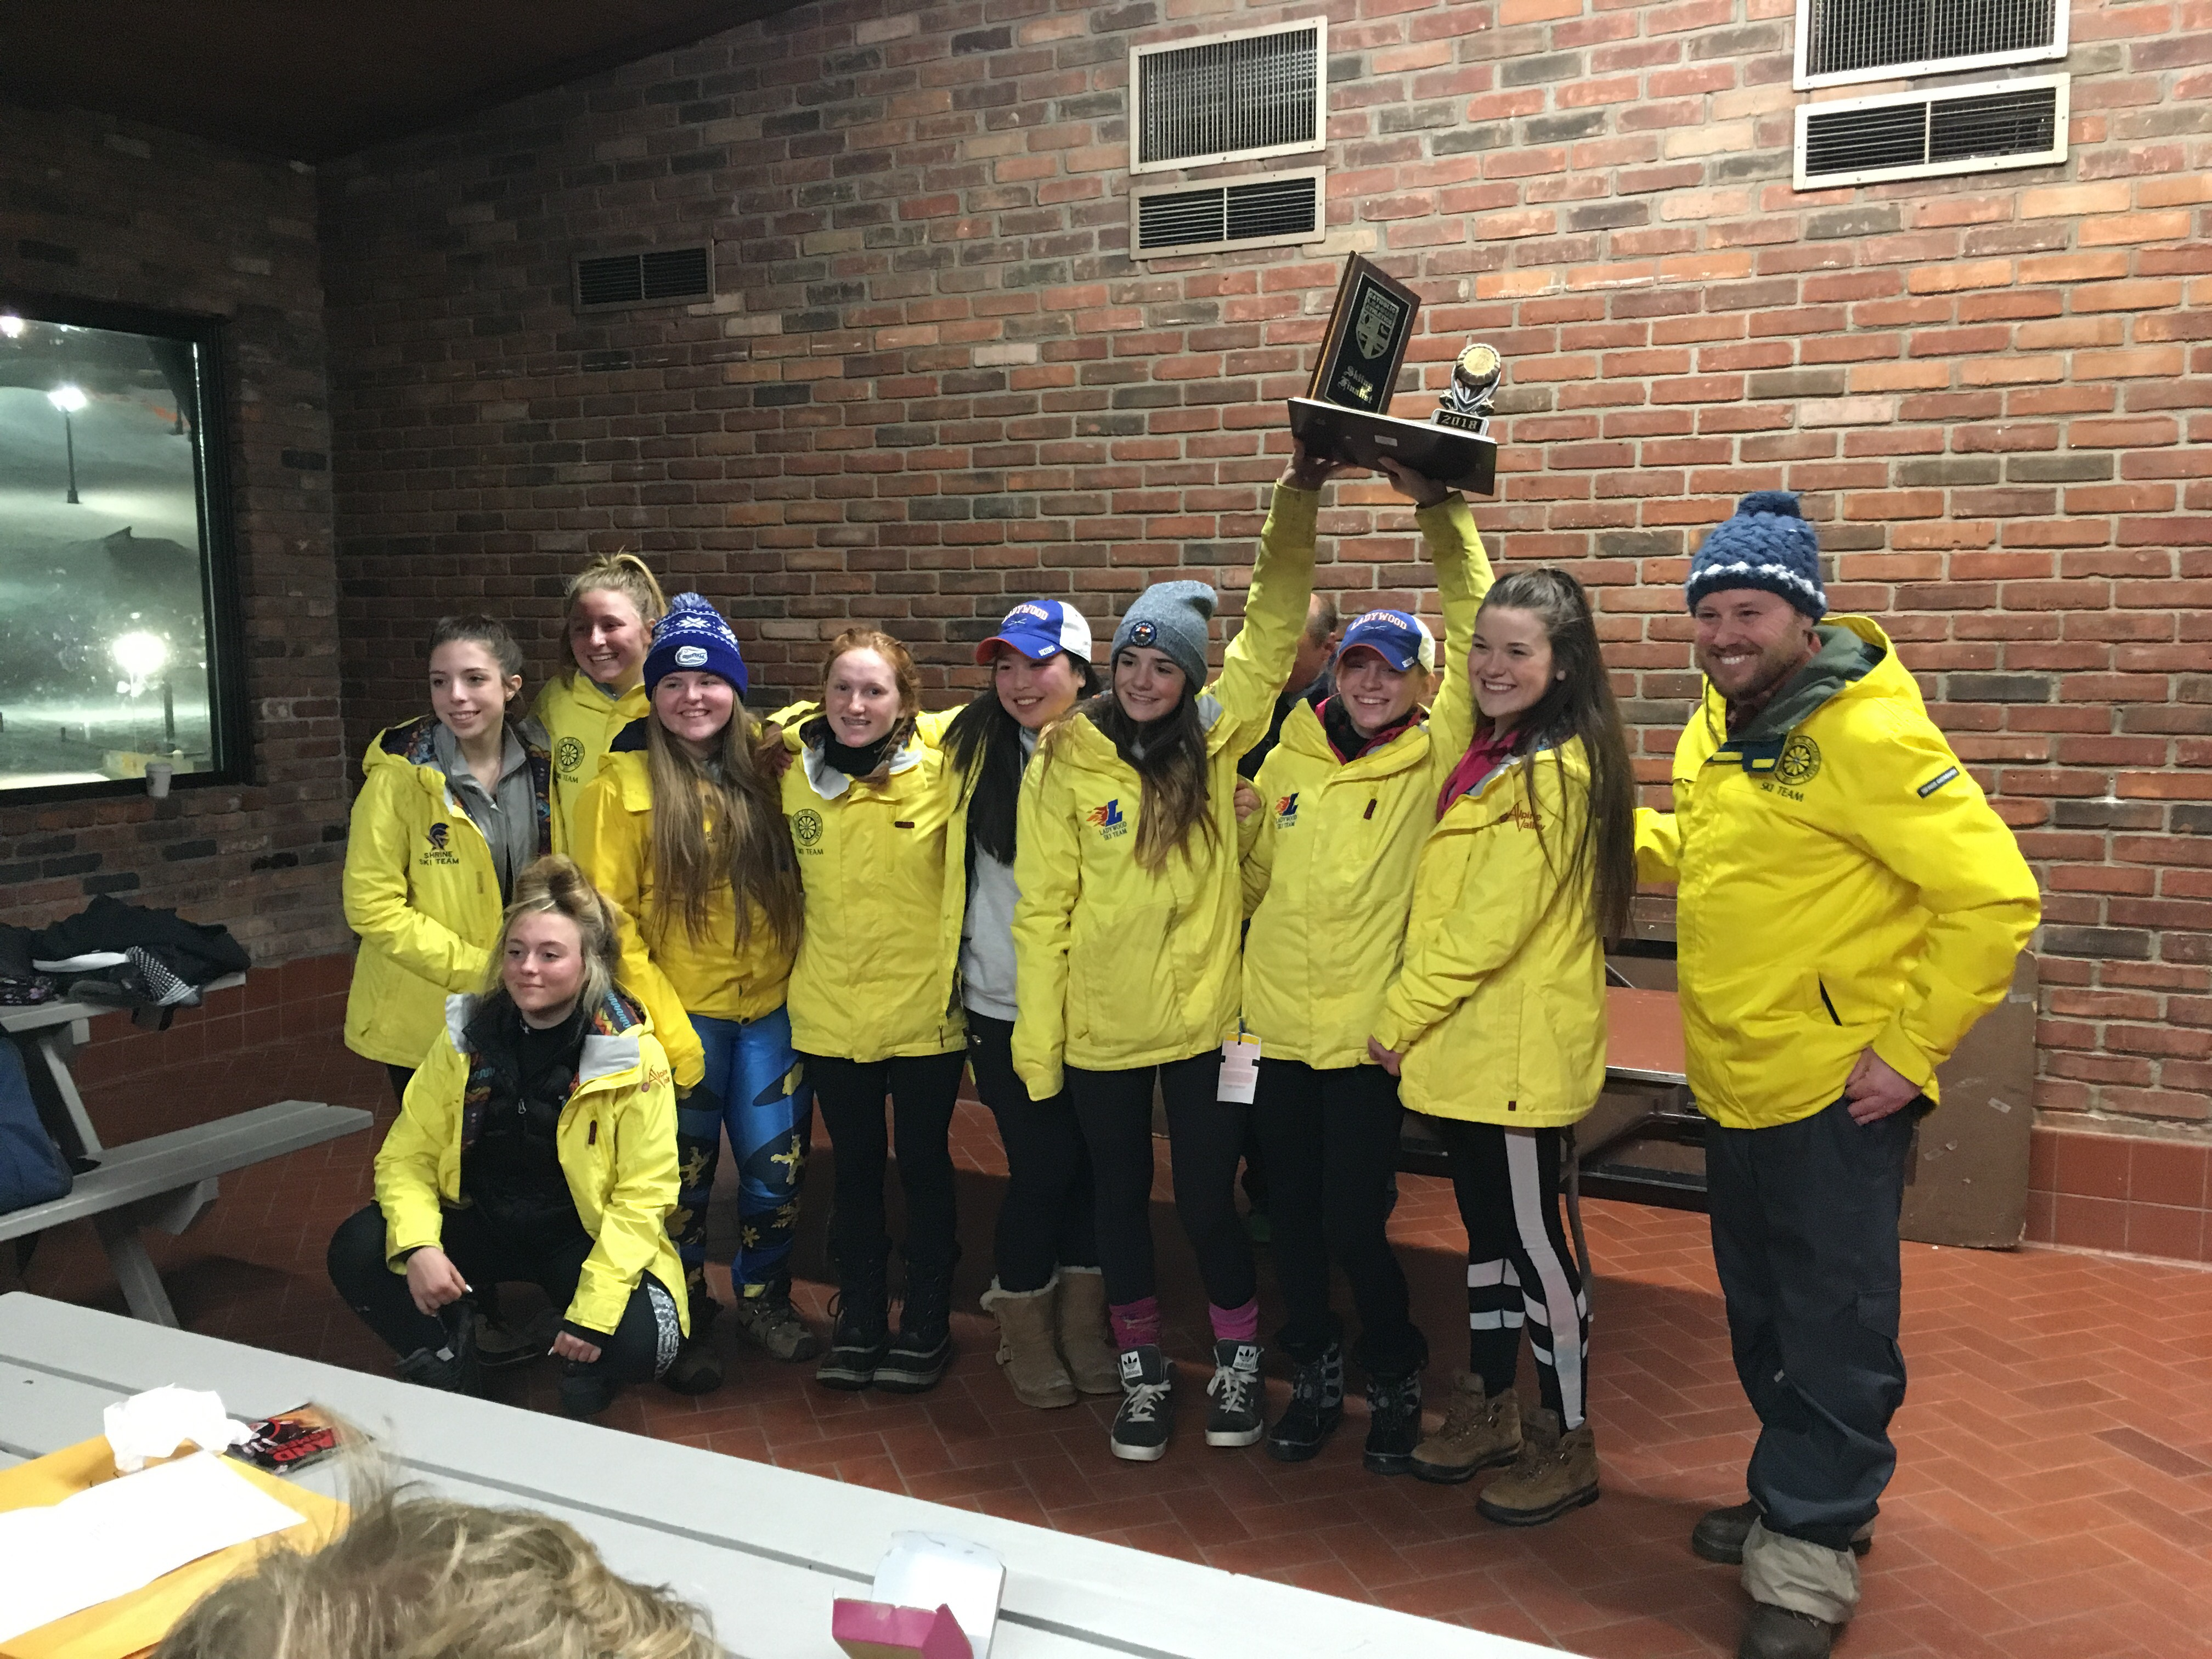 Ski Finishes Second at CHSL Championships!